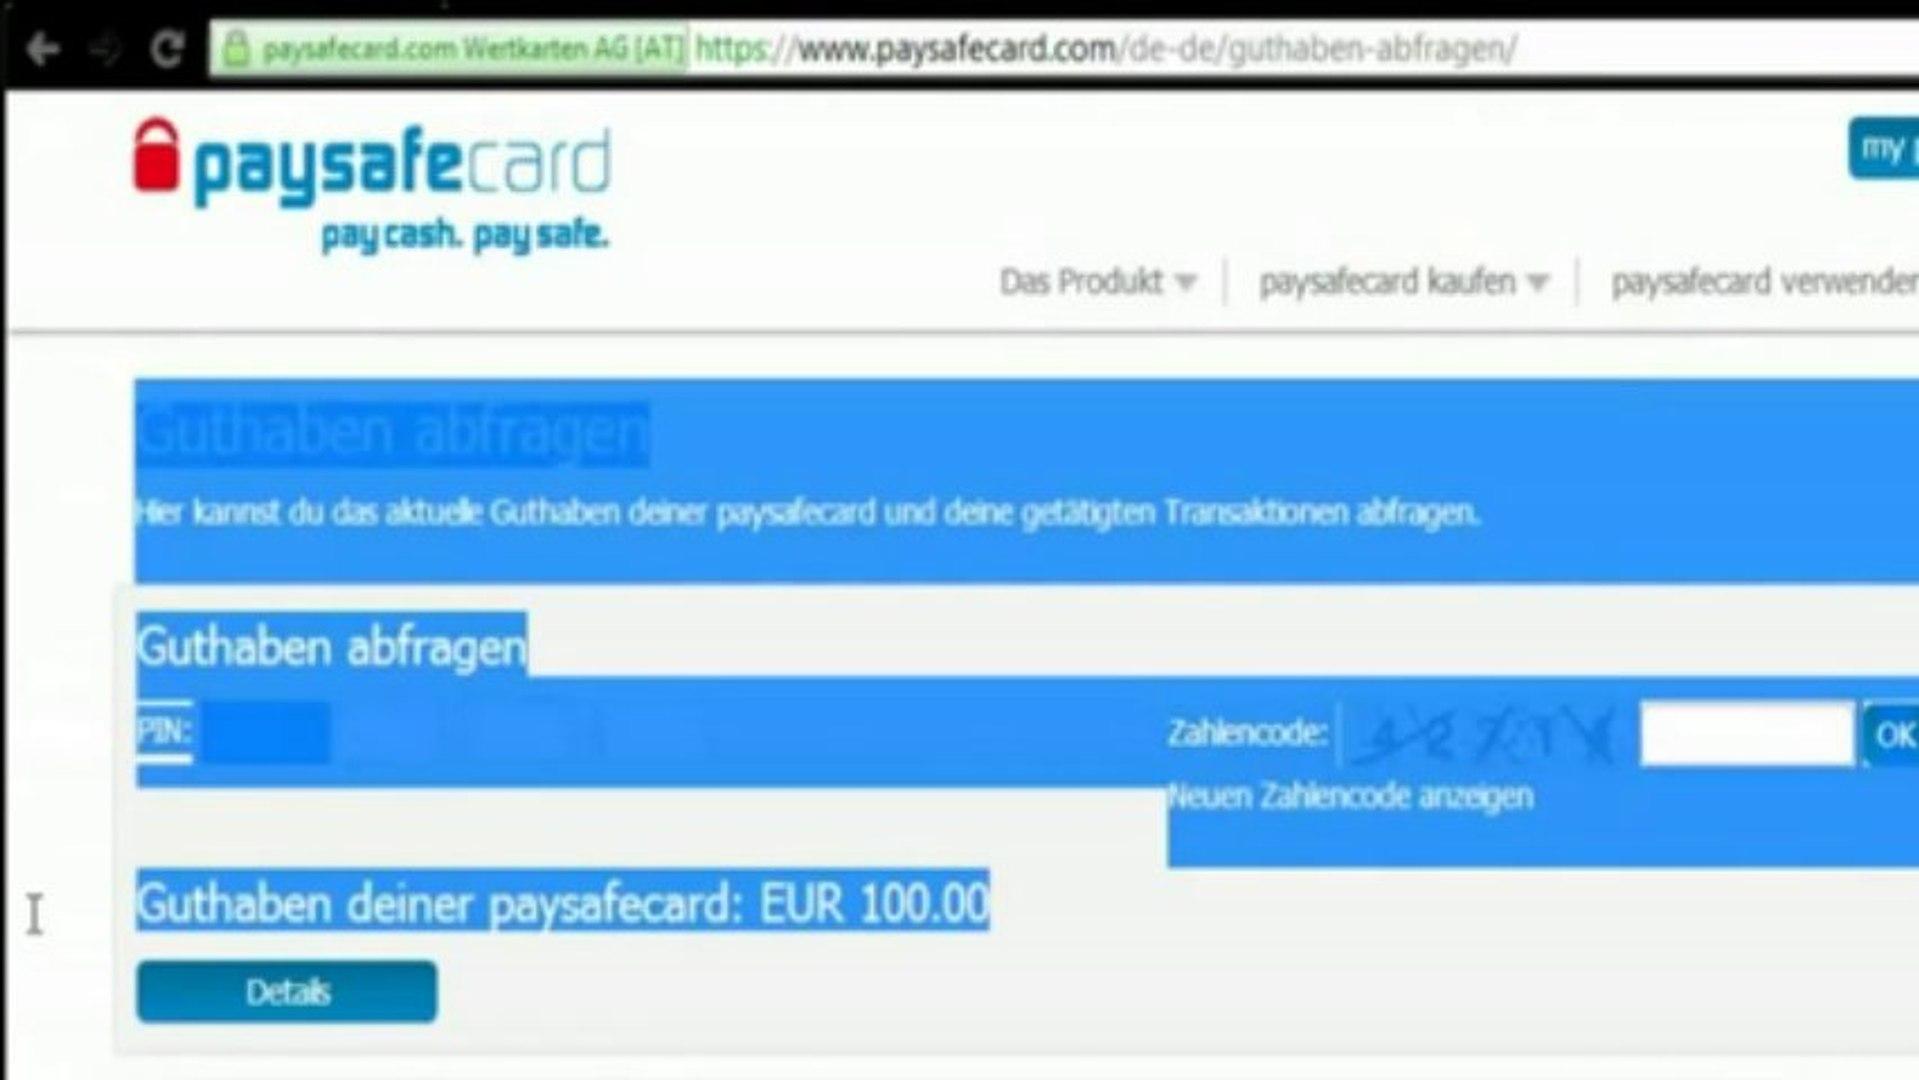 Paysafecard Guthaben Check